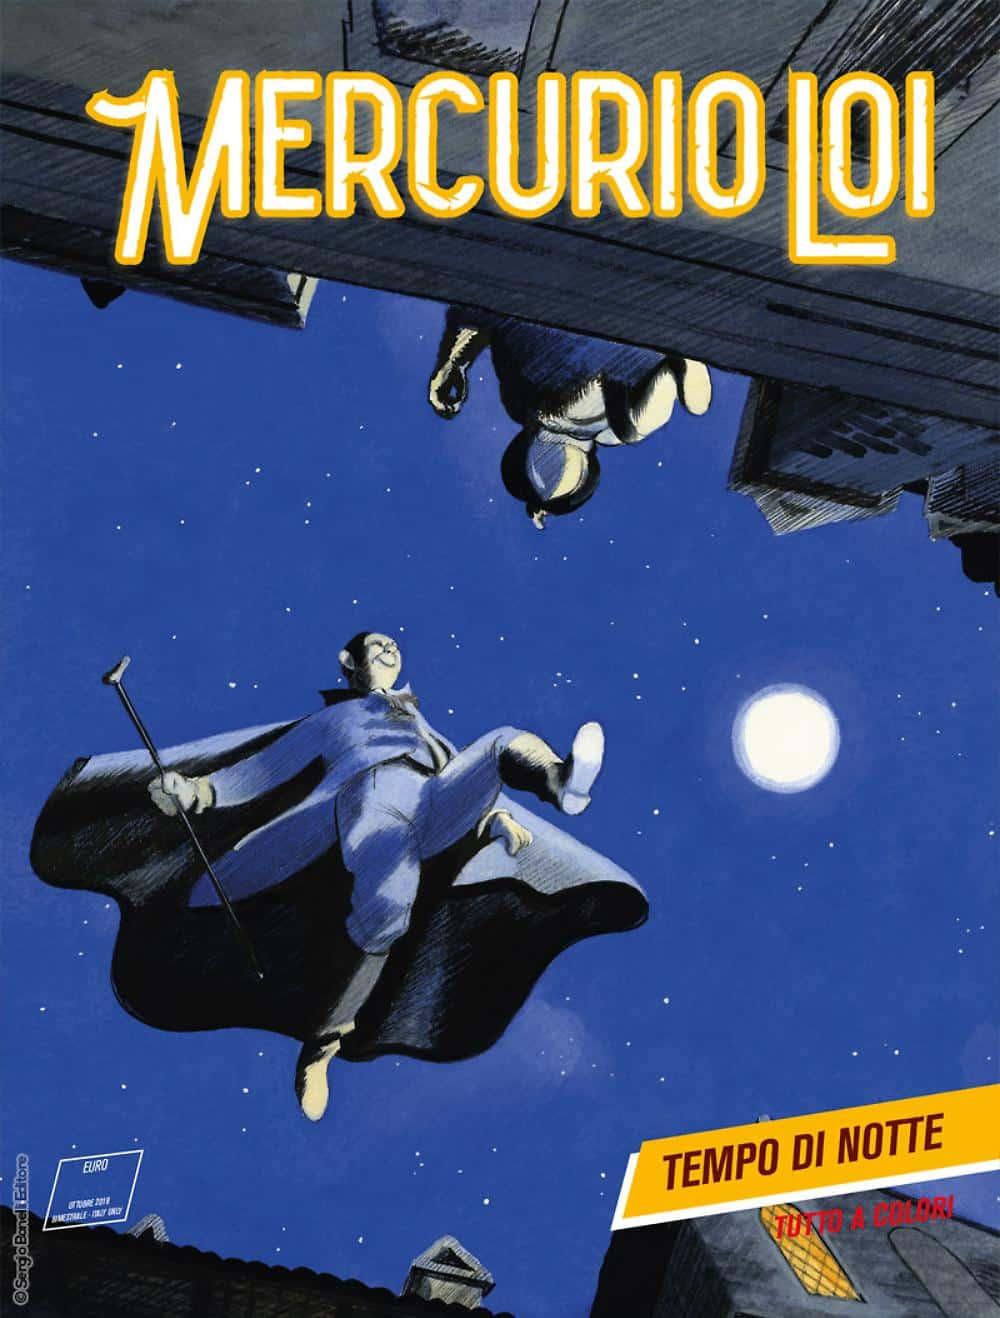 Mercurio Loi #13 - Tempo di notte (Bilotta, Ponchione)_BreVisioni